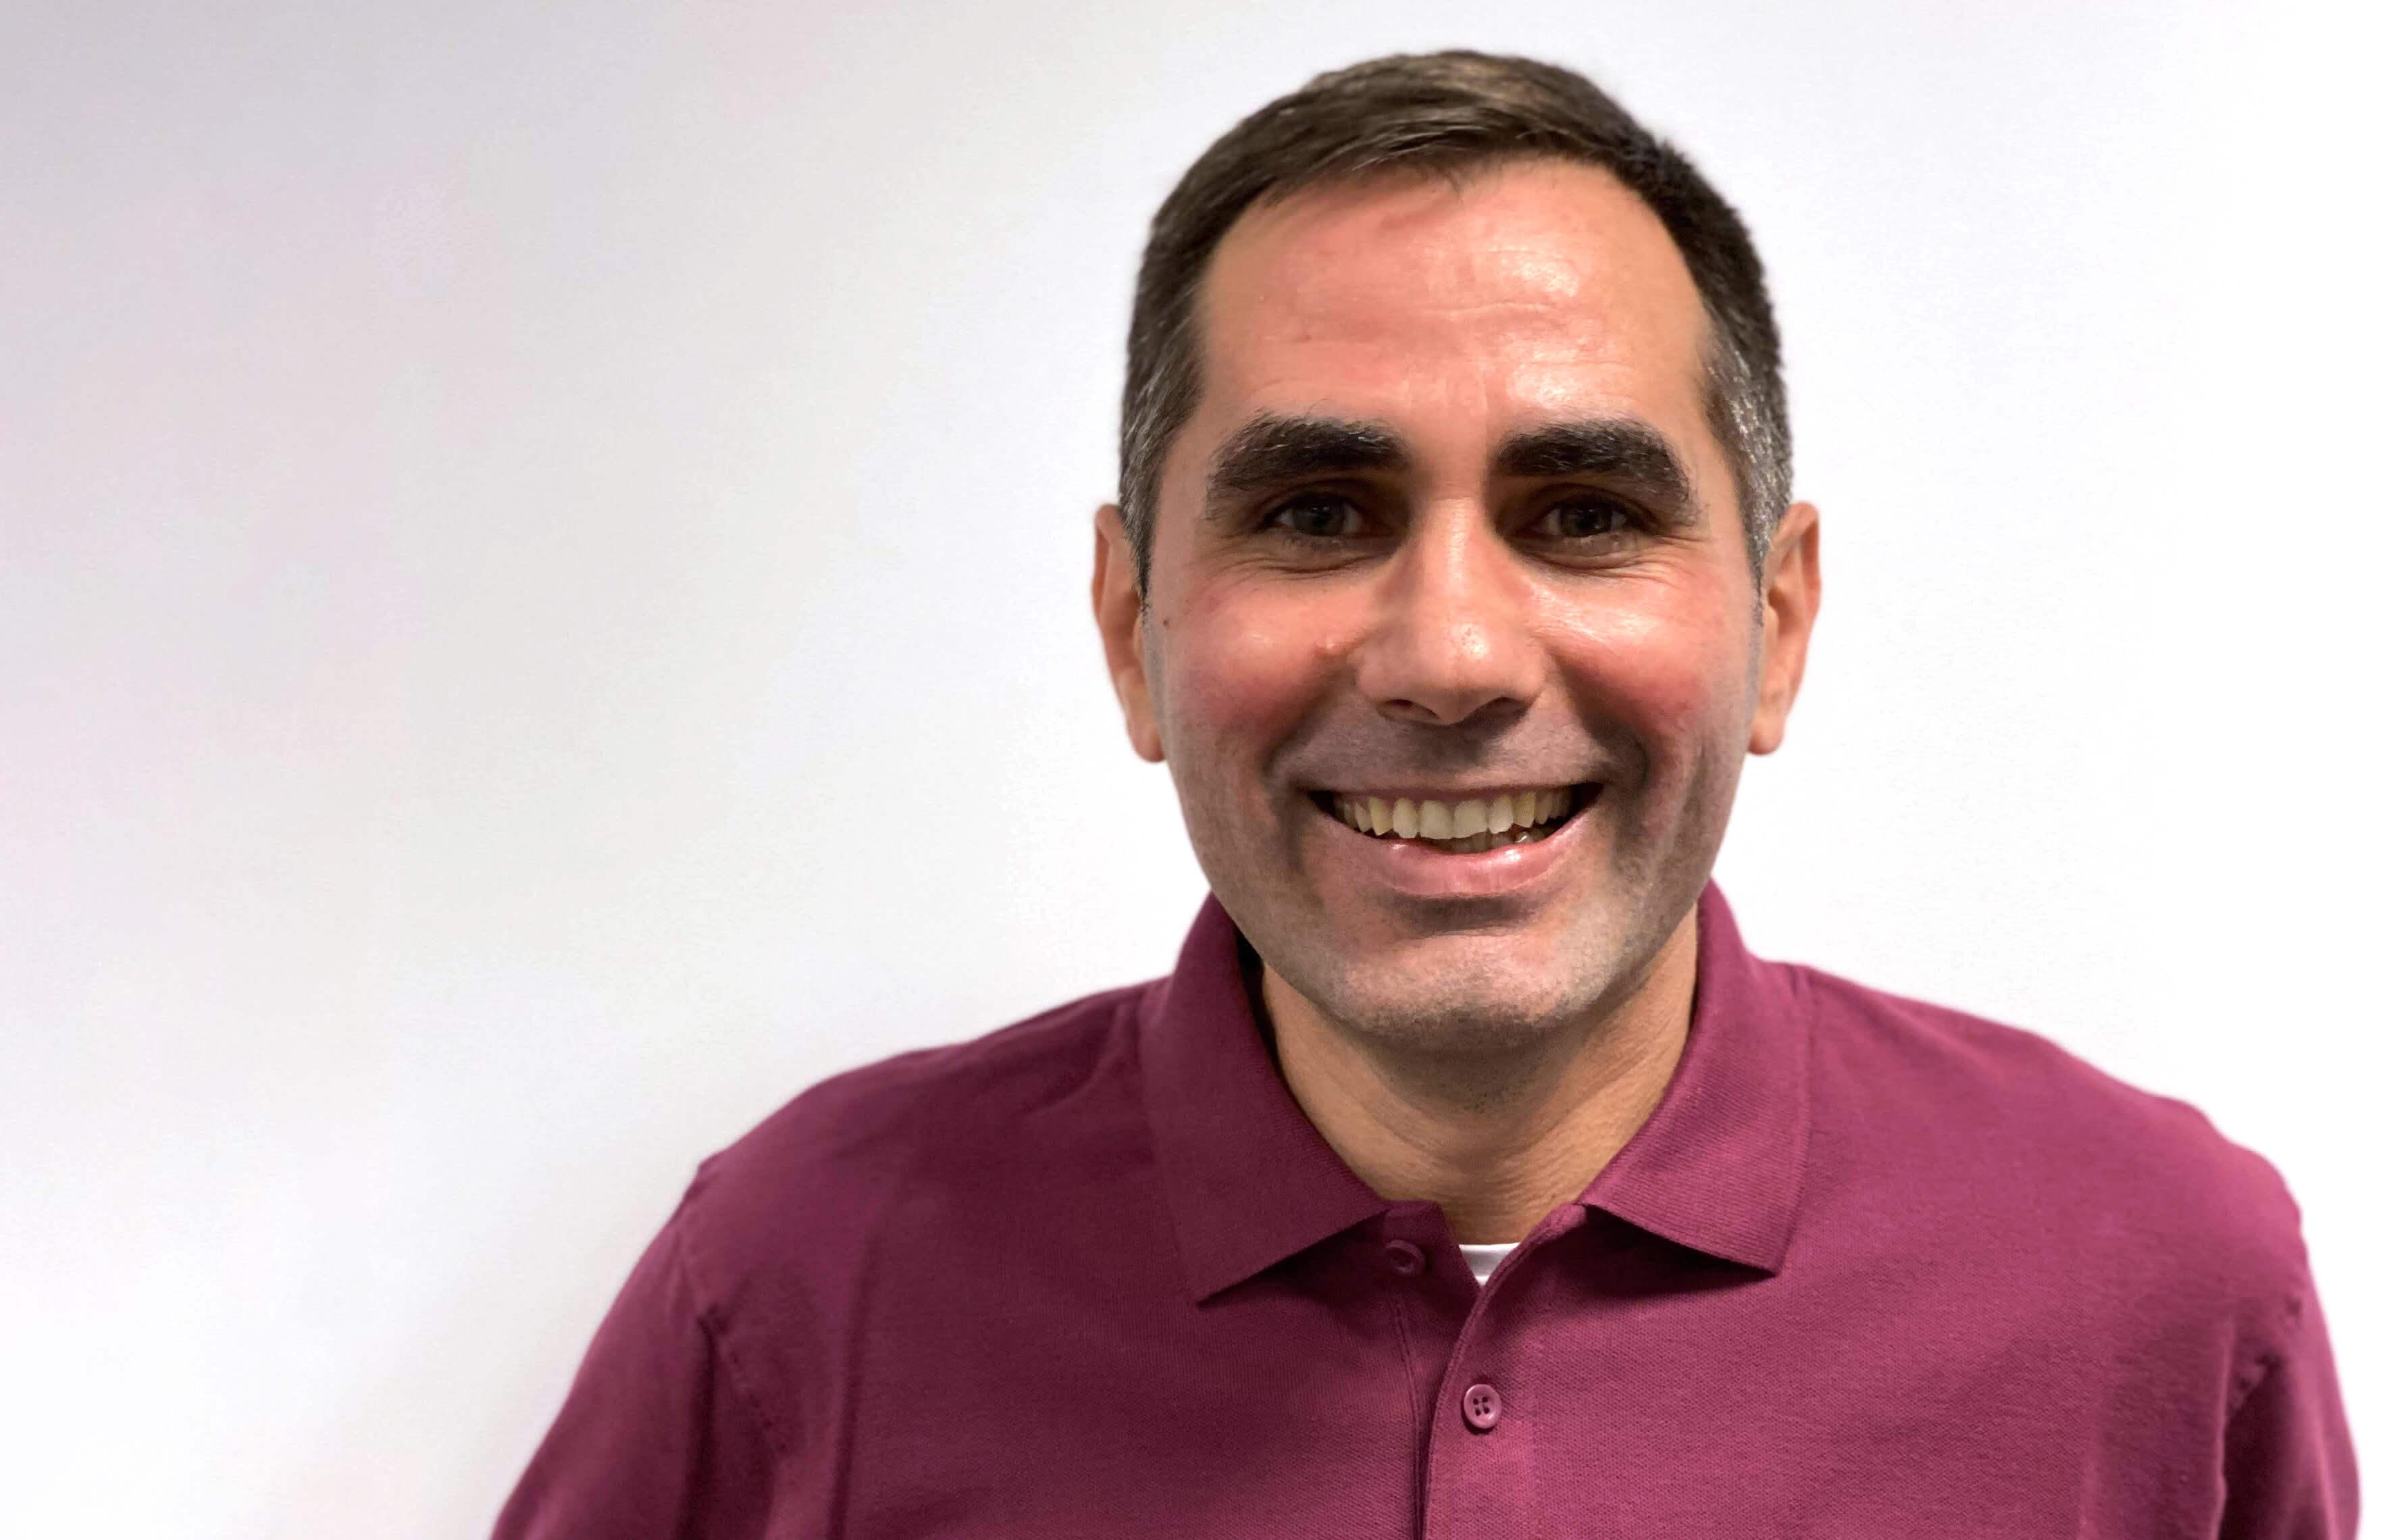 Portrait of Mircea Stan smiling